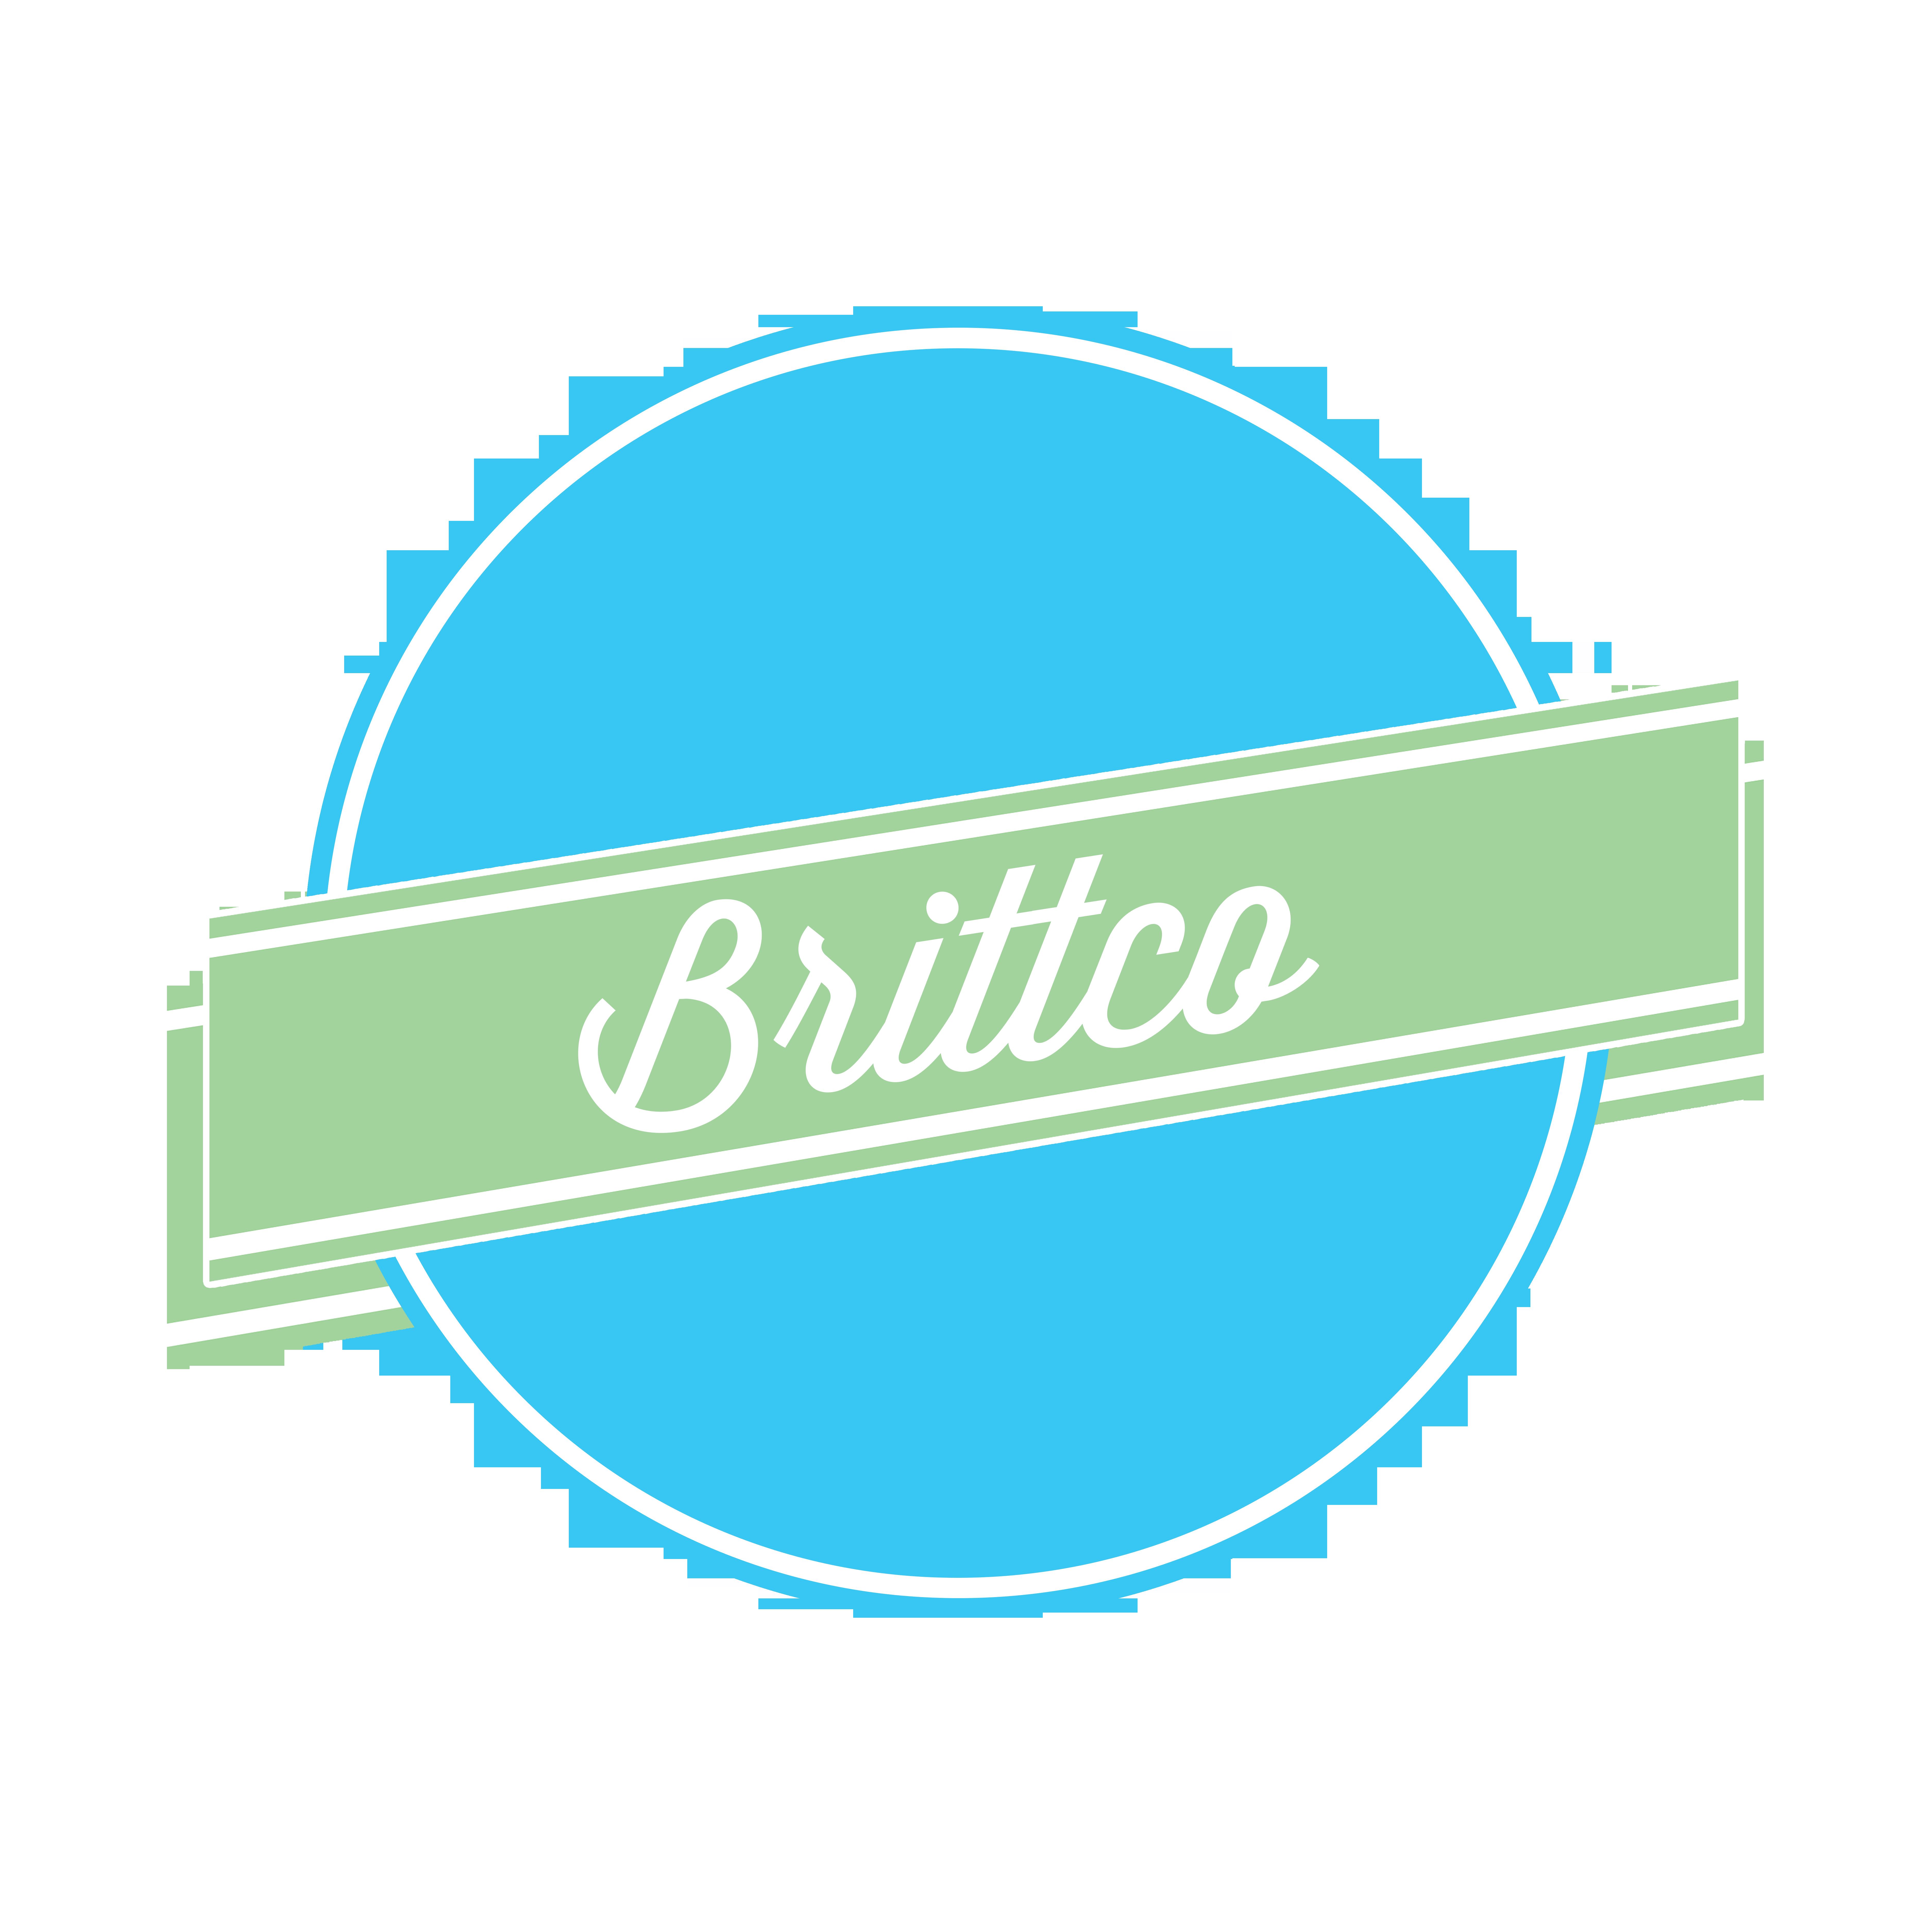 BrittcoLogo